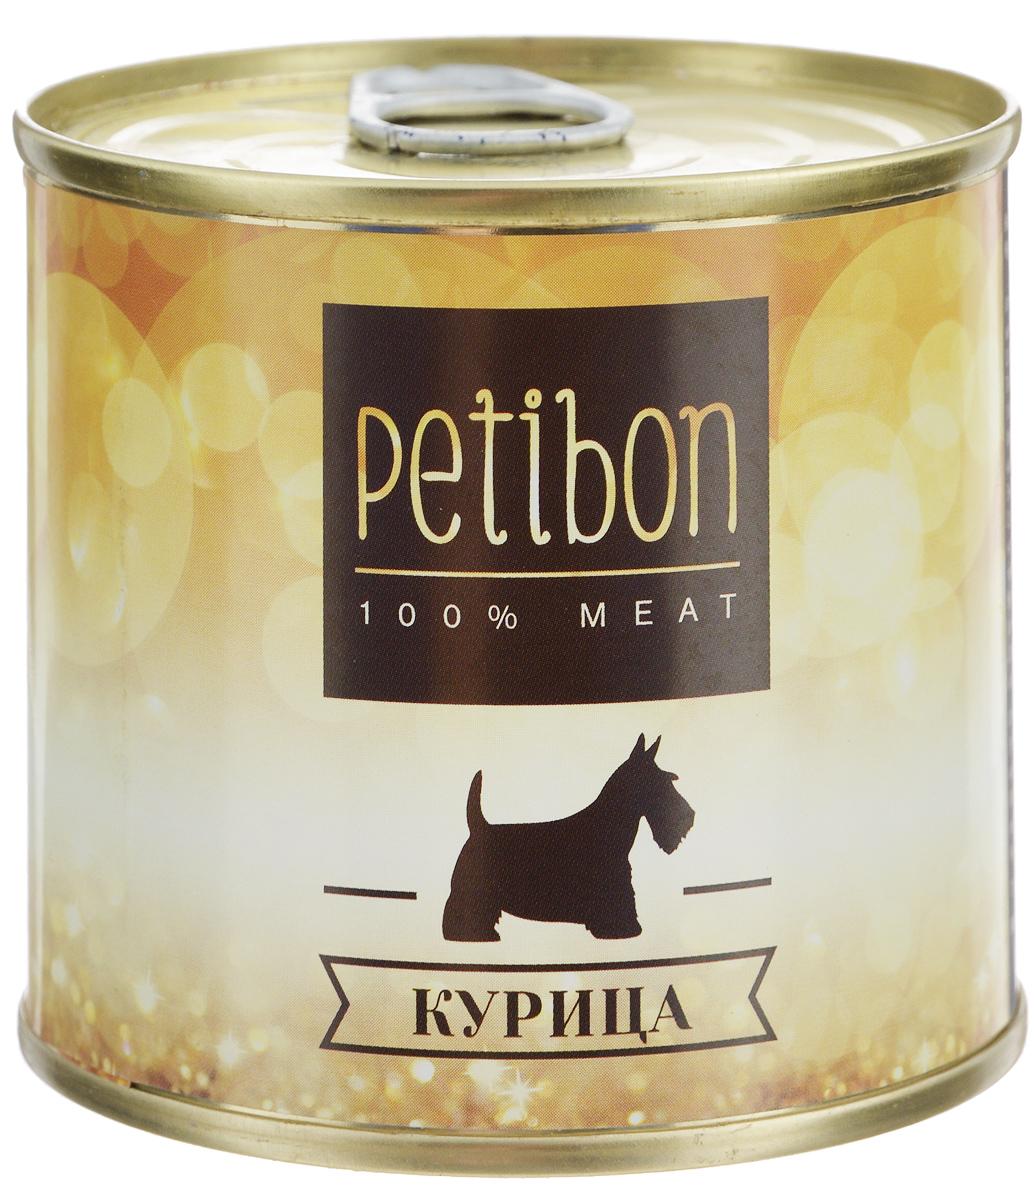 Консервы для собак Petibon, с курицей, 240 г43352_новый дизайнPetibon - влажный мясной корм для собак. Использование монобелкового комплексного сырья значительно расширяет аминокислотный состав продукта. Использование корма рекомендовано для собак, нуждающихся в диете или определённом виде мяса.Товар сертифицирован.